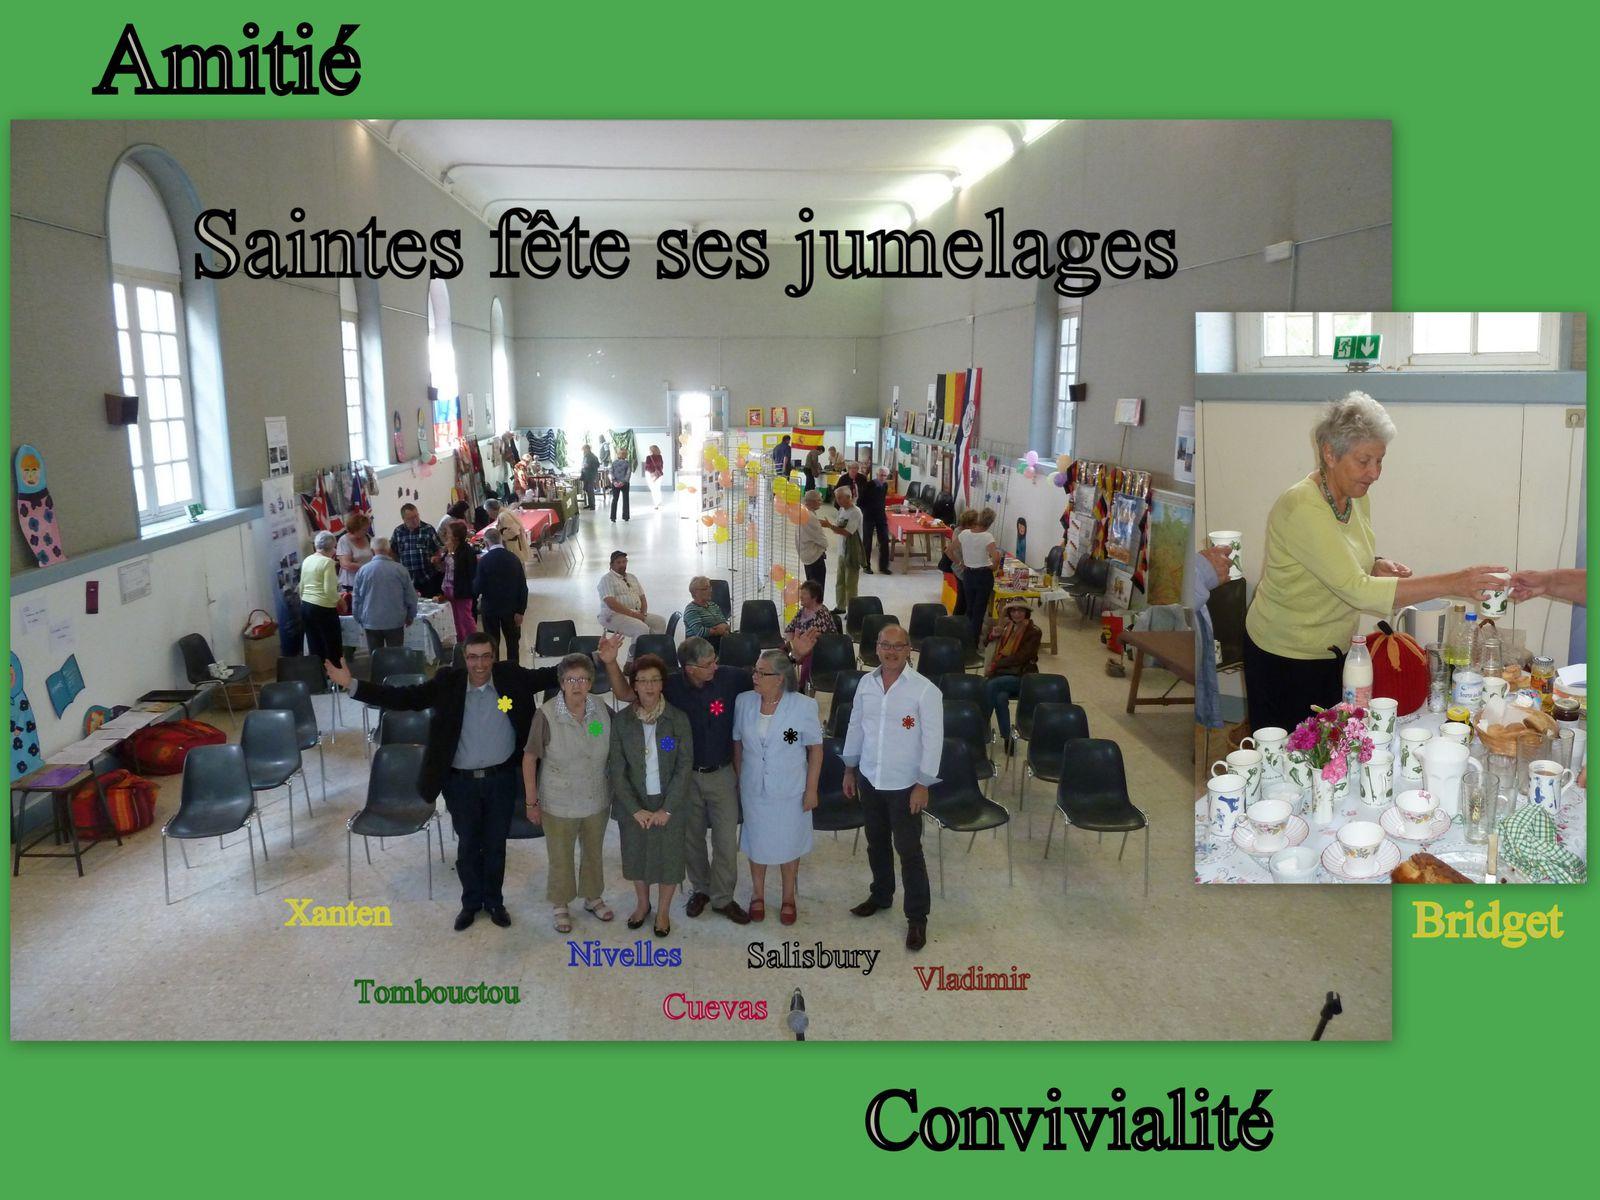 21 - Artiste peintre Galeries Lafayette - Journée de la mobilité - Jumelages avec Saintes &amp&#x3B; Fraternité des villes / Peuples - Groupe &quot&#x3B; Téléphone &quot&#x3B; avec Pierre Mikaïloff